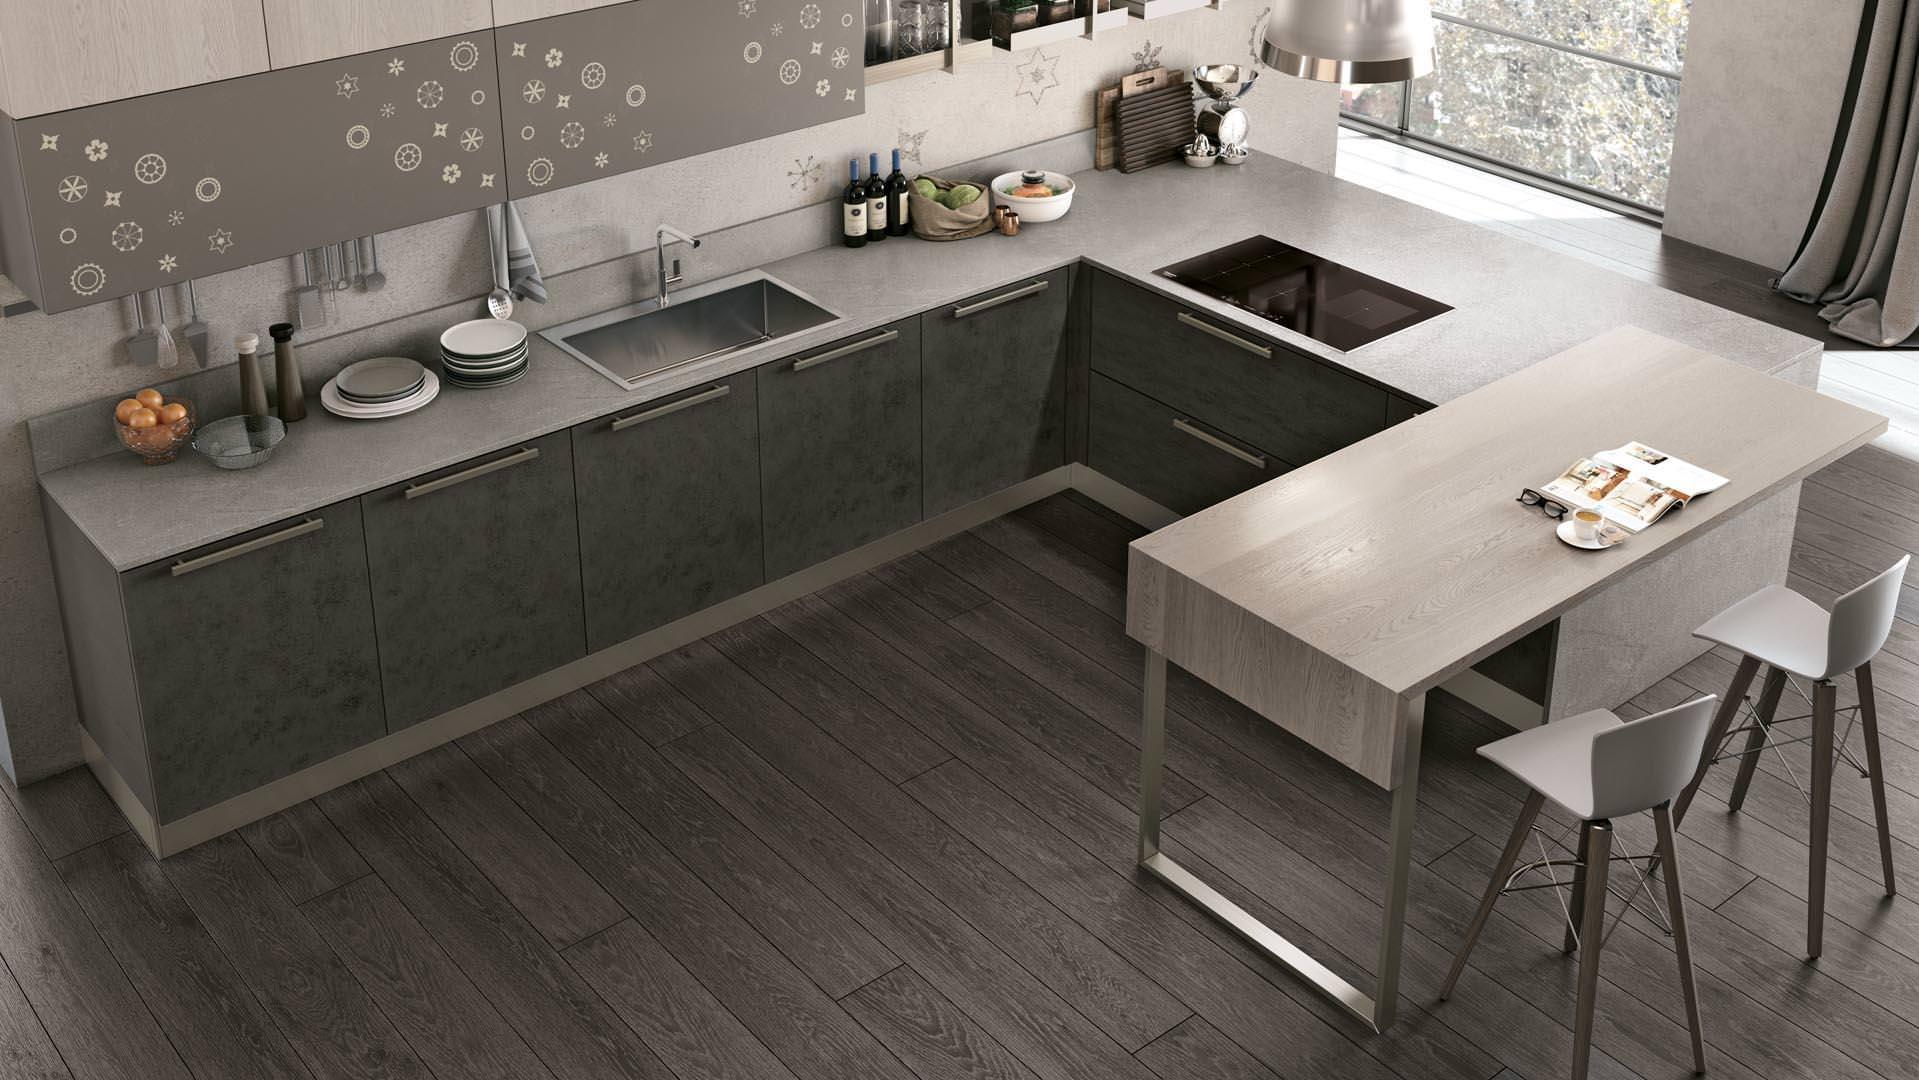 novità cucine moderne a bari, ecco la collezione lube clover ... - Cucine Moderne Bari